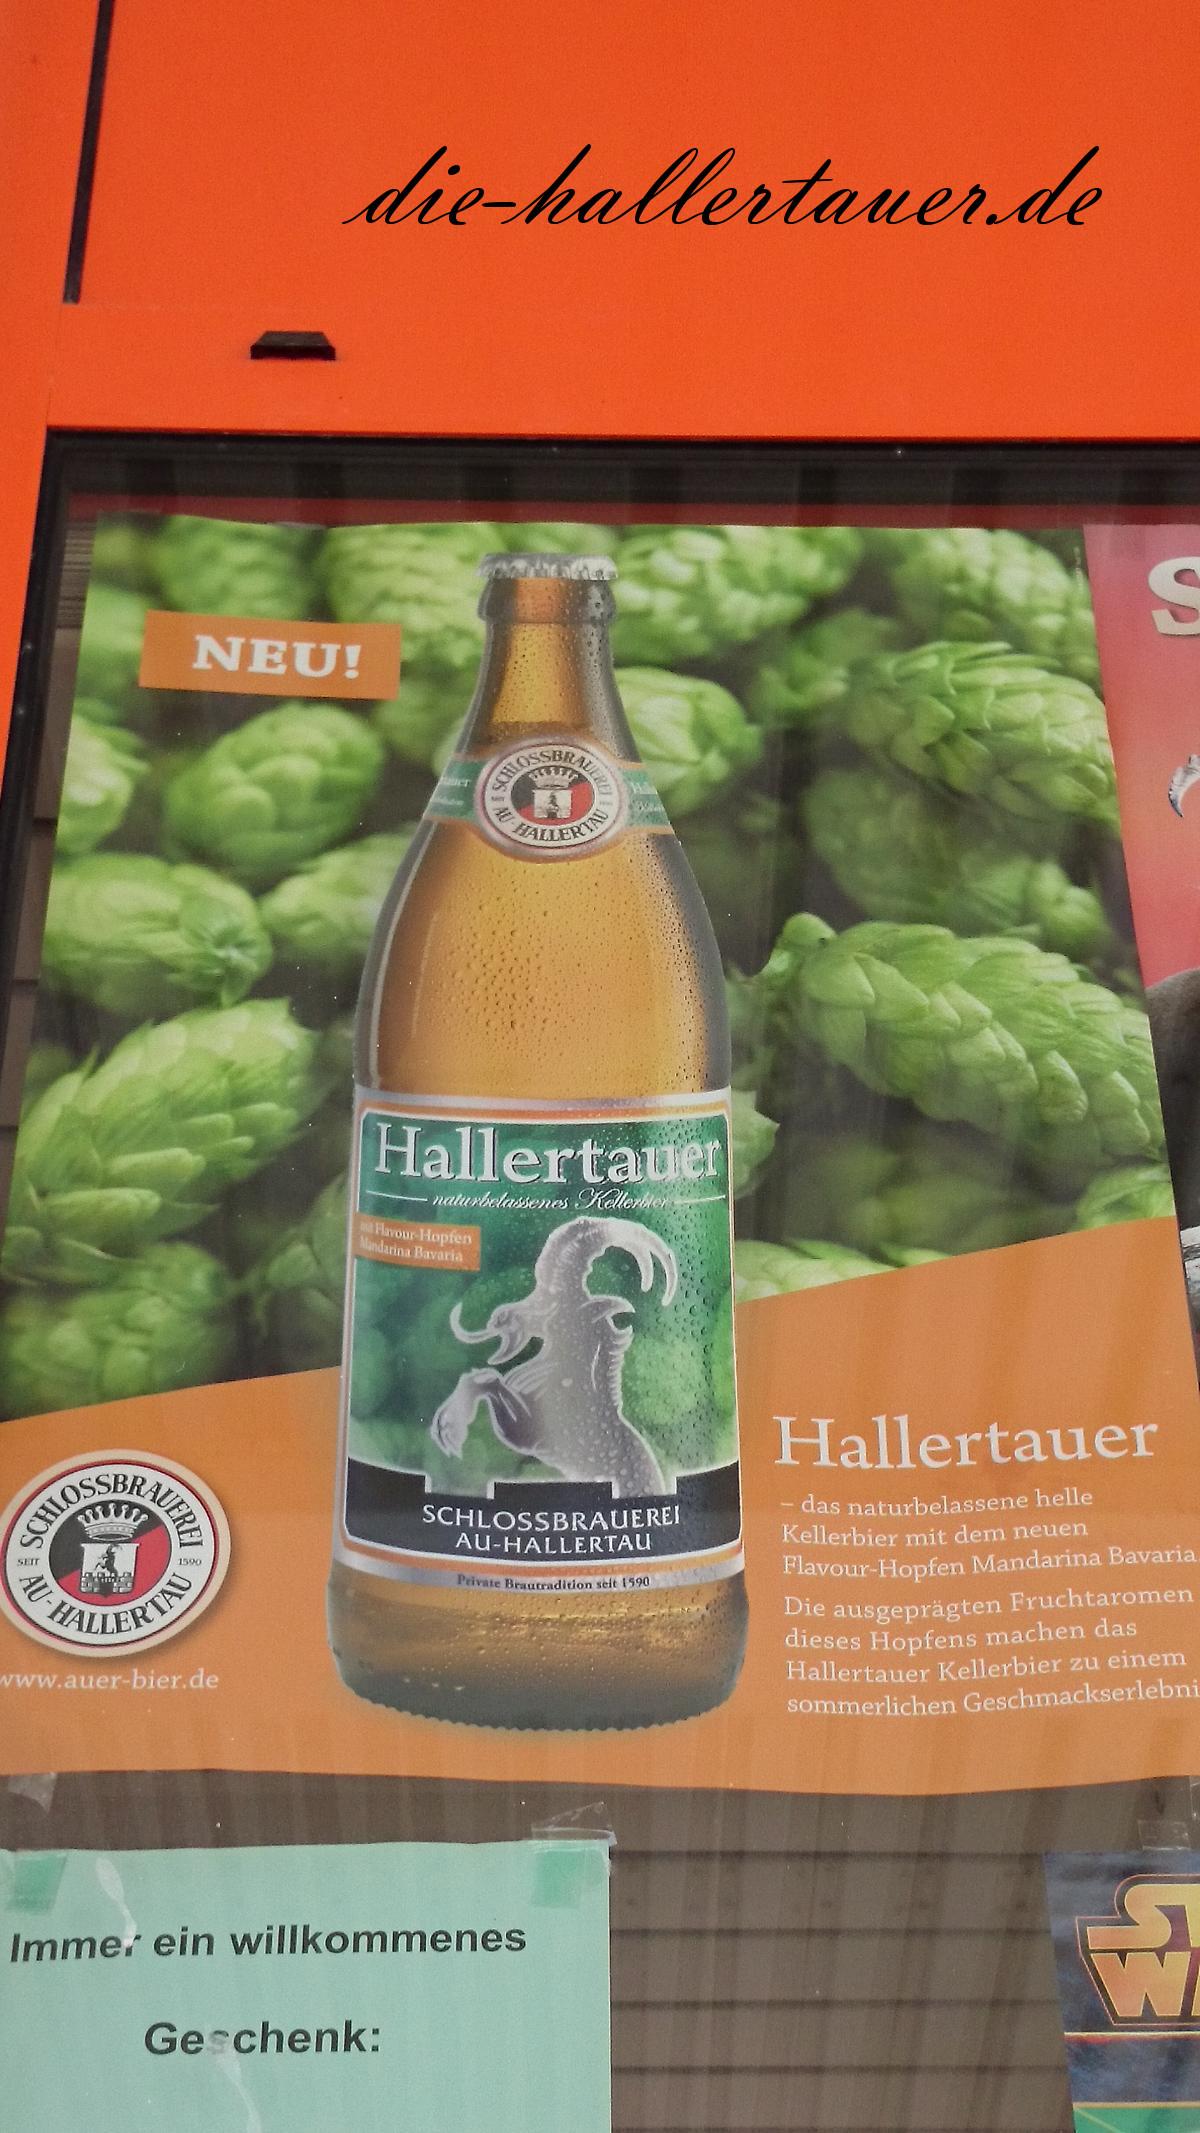 Hallertauer Bier